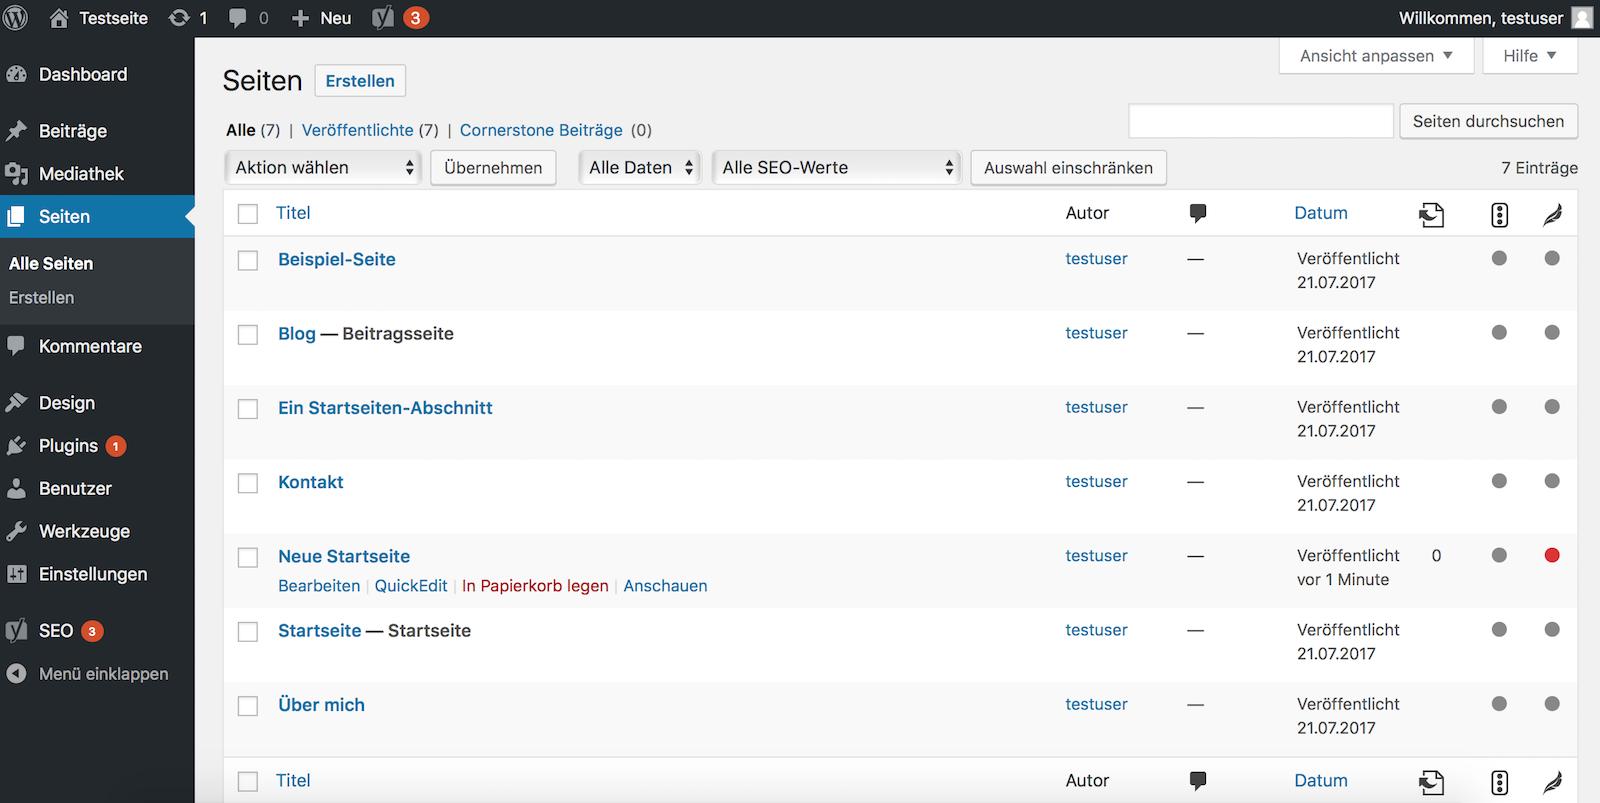 Die neue Startseite in der Seitenübersicht von WordPress